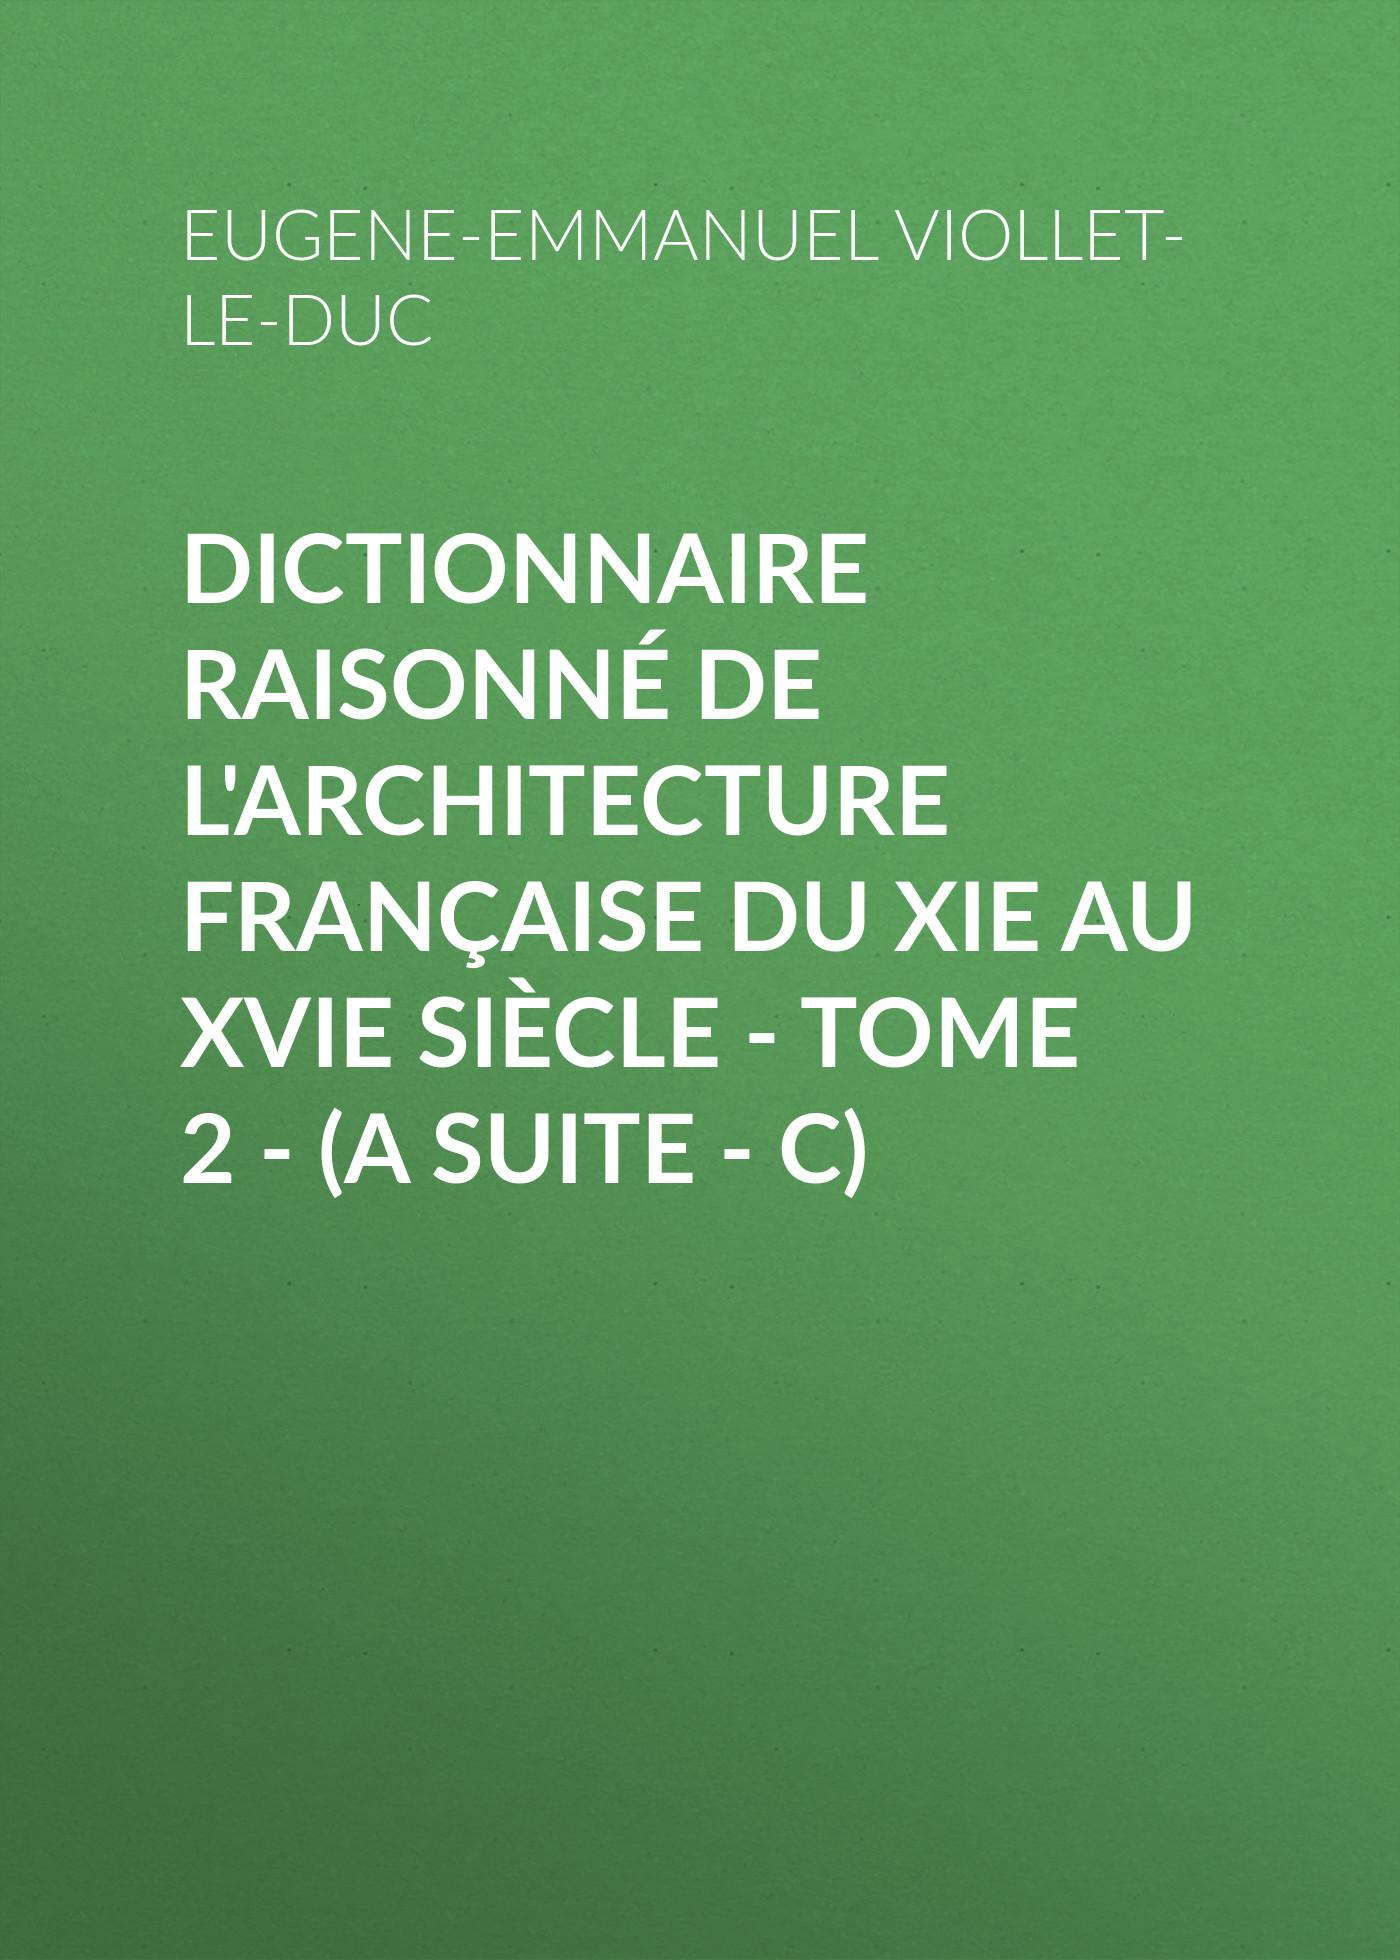 Eugene-Emmanuel Viollet-le-Duc Dictionnaire raisonné de l'architecture française du XIe au XVIe siècle - Tome 2 - (A suite - C)